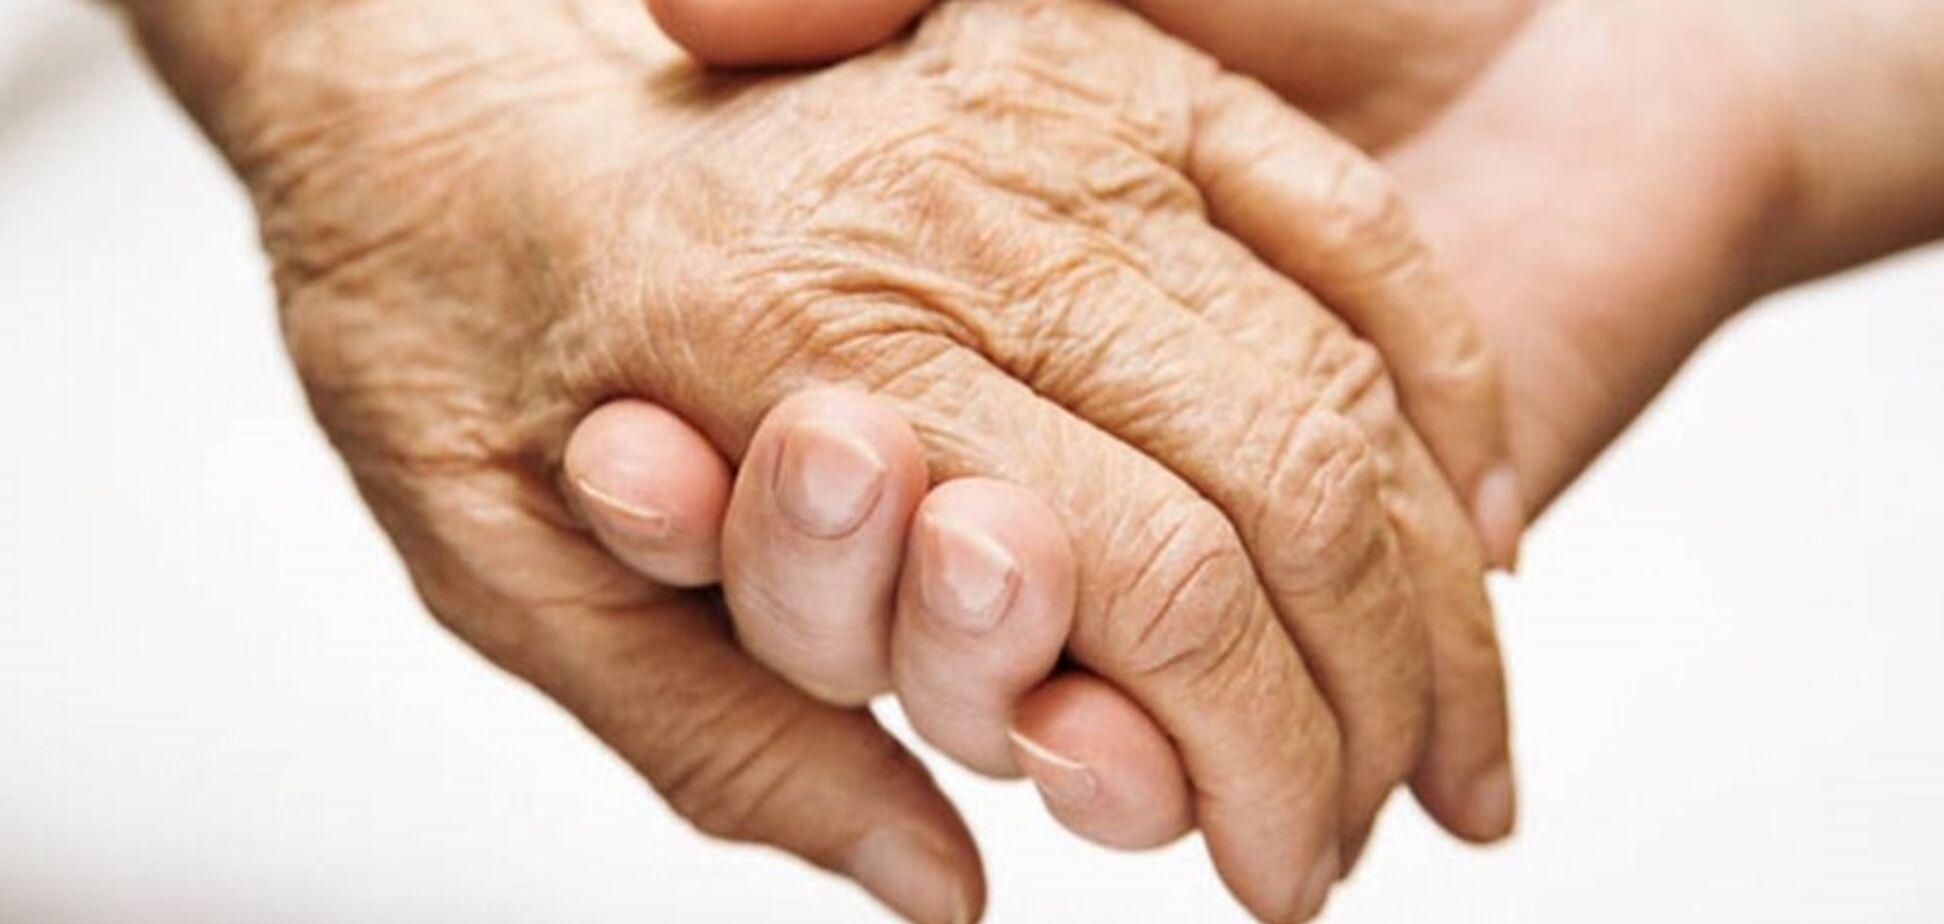 Допомога пенсіонерам: в Павлограді приєдналися до благодійного флешмобу. Фото